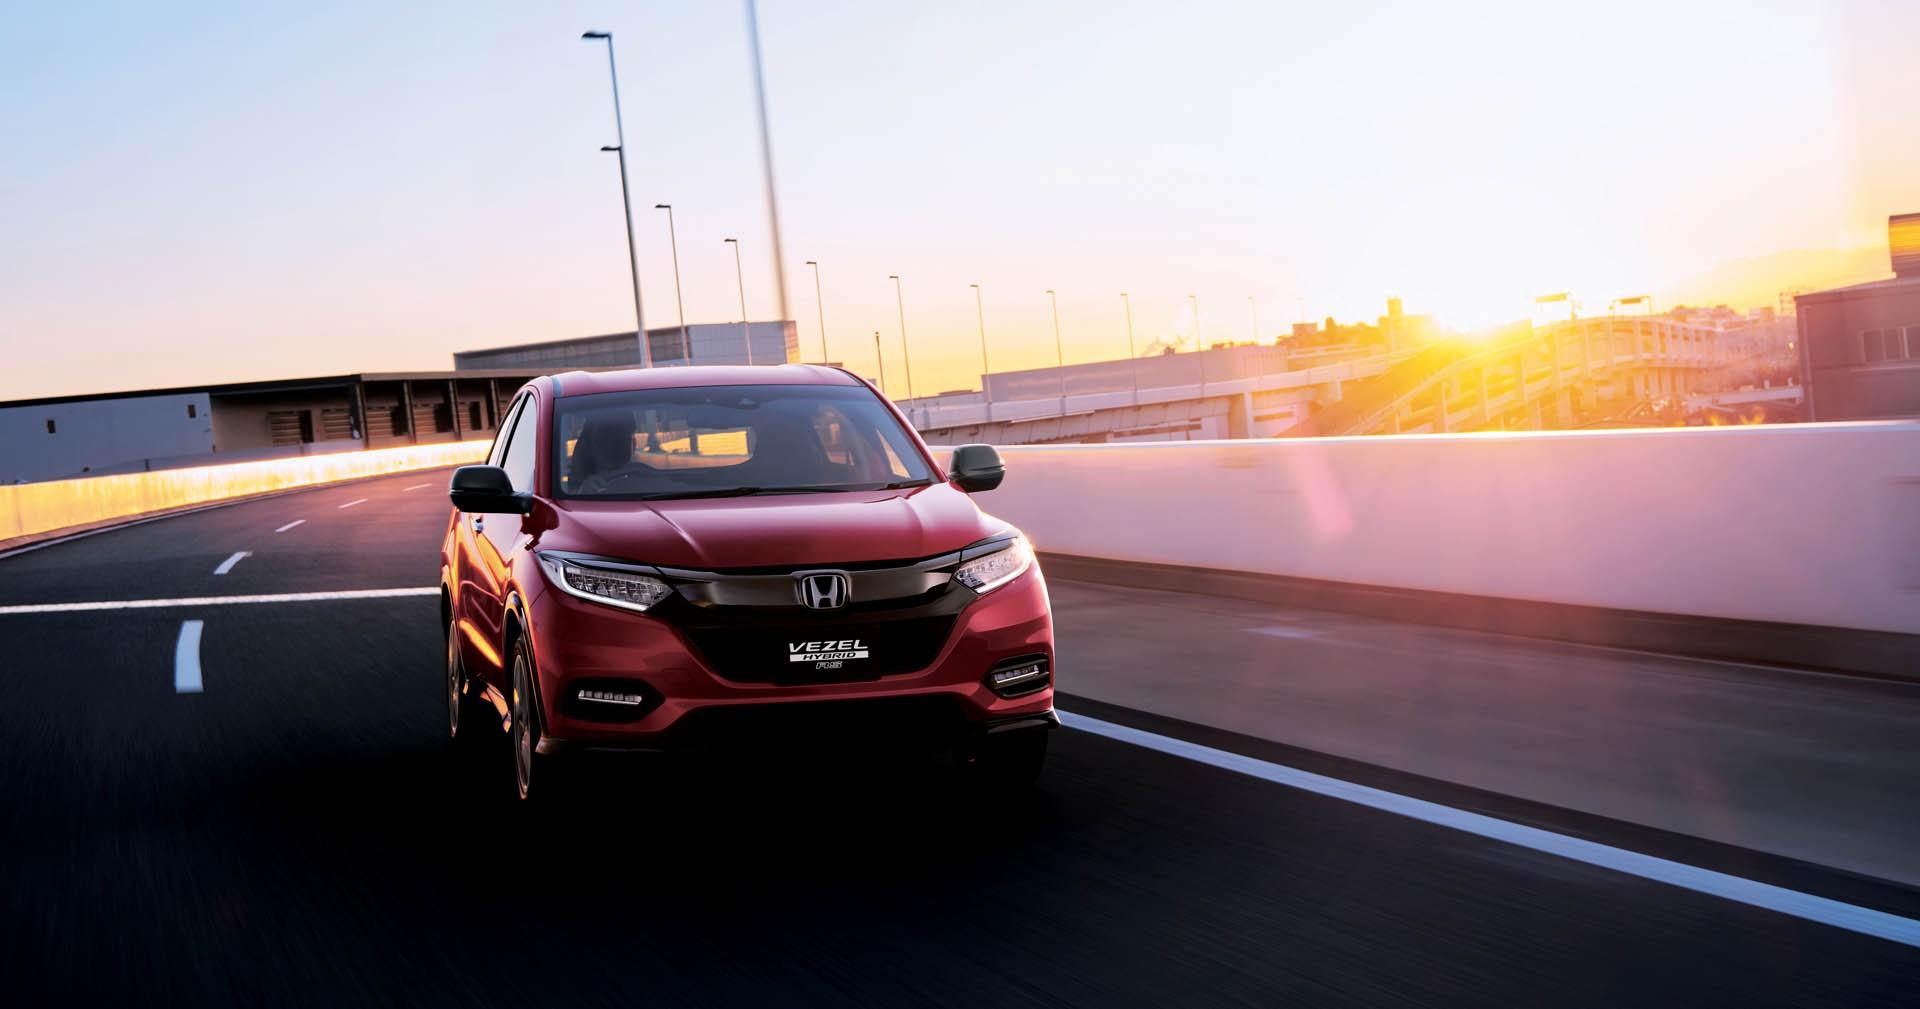 2019 Honda Hr V Facelift Launched In Japan As New Vezel